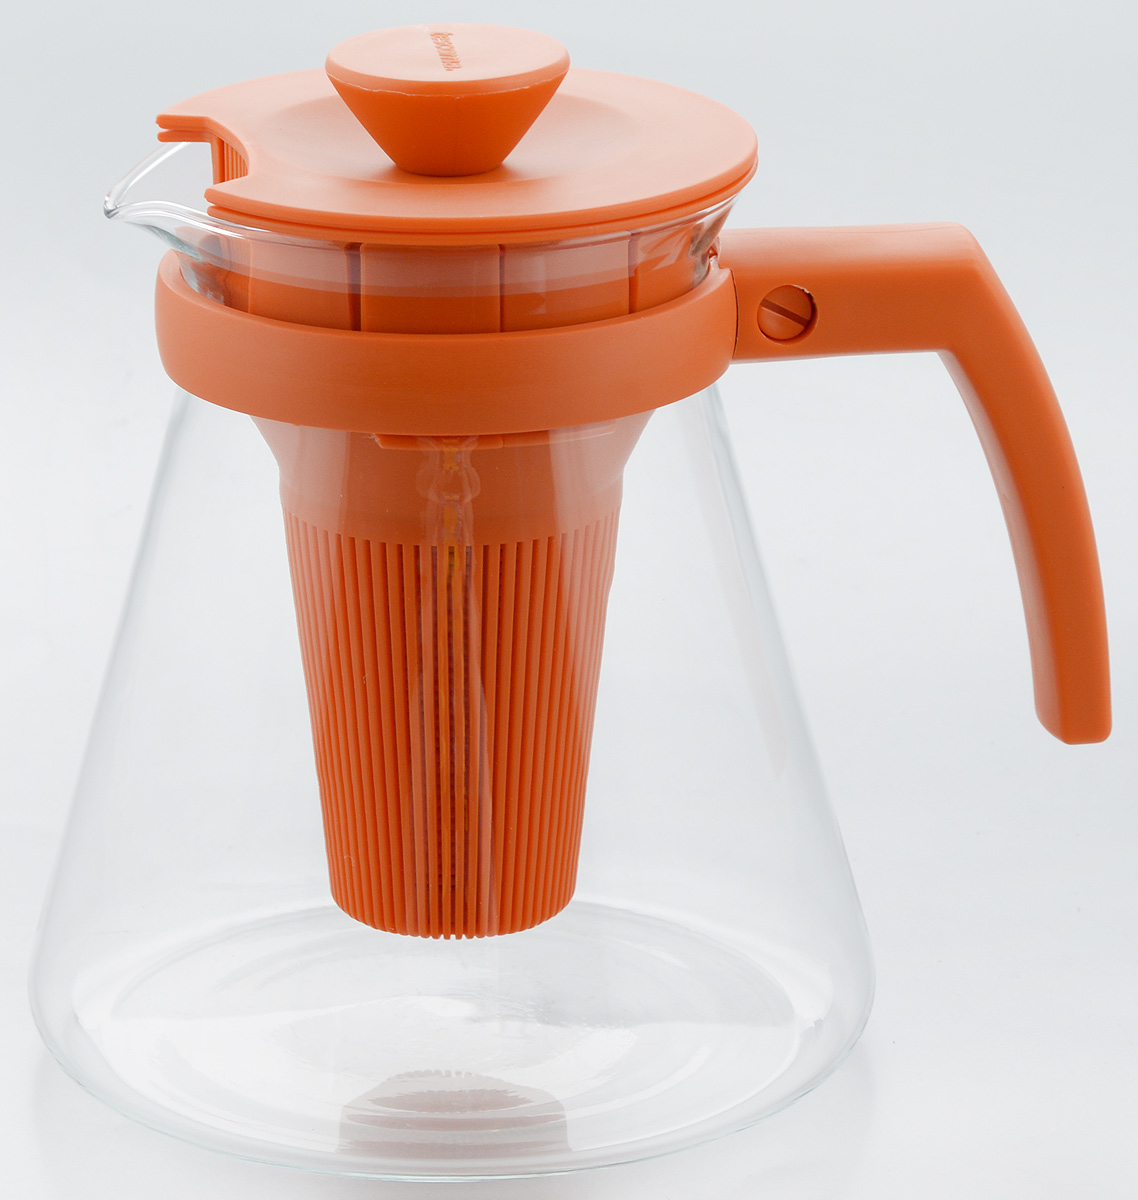 Чайник заварочный Tescoma Teo Tone, с ситечком, цвет: оранжевый, прозрачный, 1,25 л646623.17Чайник заварочный Tescoma Teo Tone предназначен для подготовки и сервировки всех видов чая и чайных напитков. Чайник снабжен глубоким ситечком для заваривания свежей мяты, мелиссы, имбиря, сушеного шиповника, фруктов, а также очень густым ситечком для заваривания всех видов рассыпного чая. Корпус чайника изготовлен из термостойкого боросиликатного стекла, поэтому его можно ставить на плиту. Ручка, крышка и ситечко изготовлены из прочного пластика. Чайник подходит для газовых, электрических и стеклокерамических плит, микроволновой печи. Не рекомендуется мыть в посудомоечной машине. Инструкция по использованию внутри упаковки. Диаметр (по верхнему краю): 10 см. Диаметр основания: 14 см. Высота: 16 см.